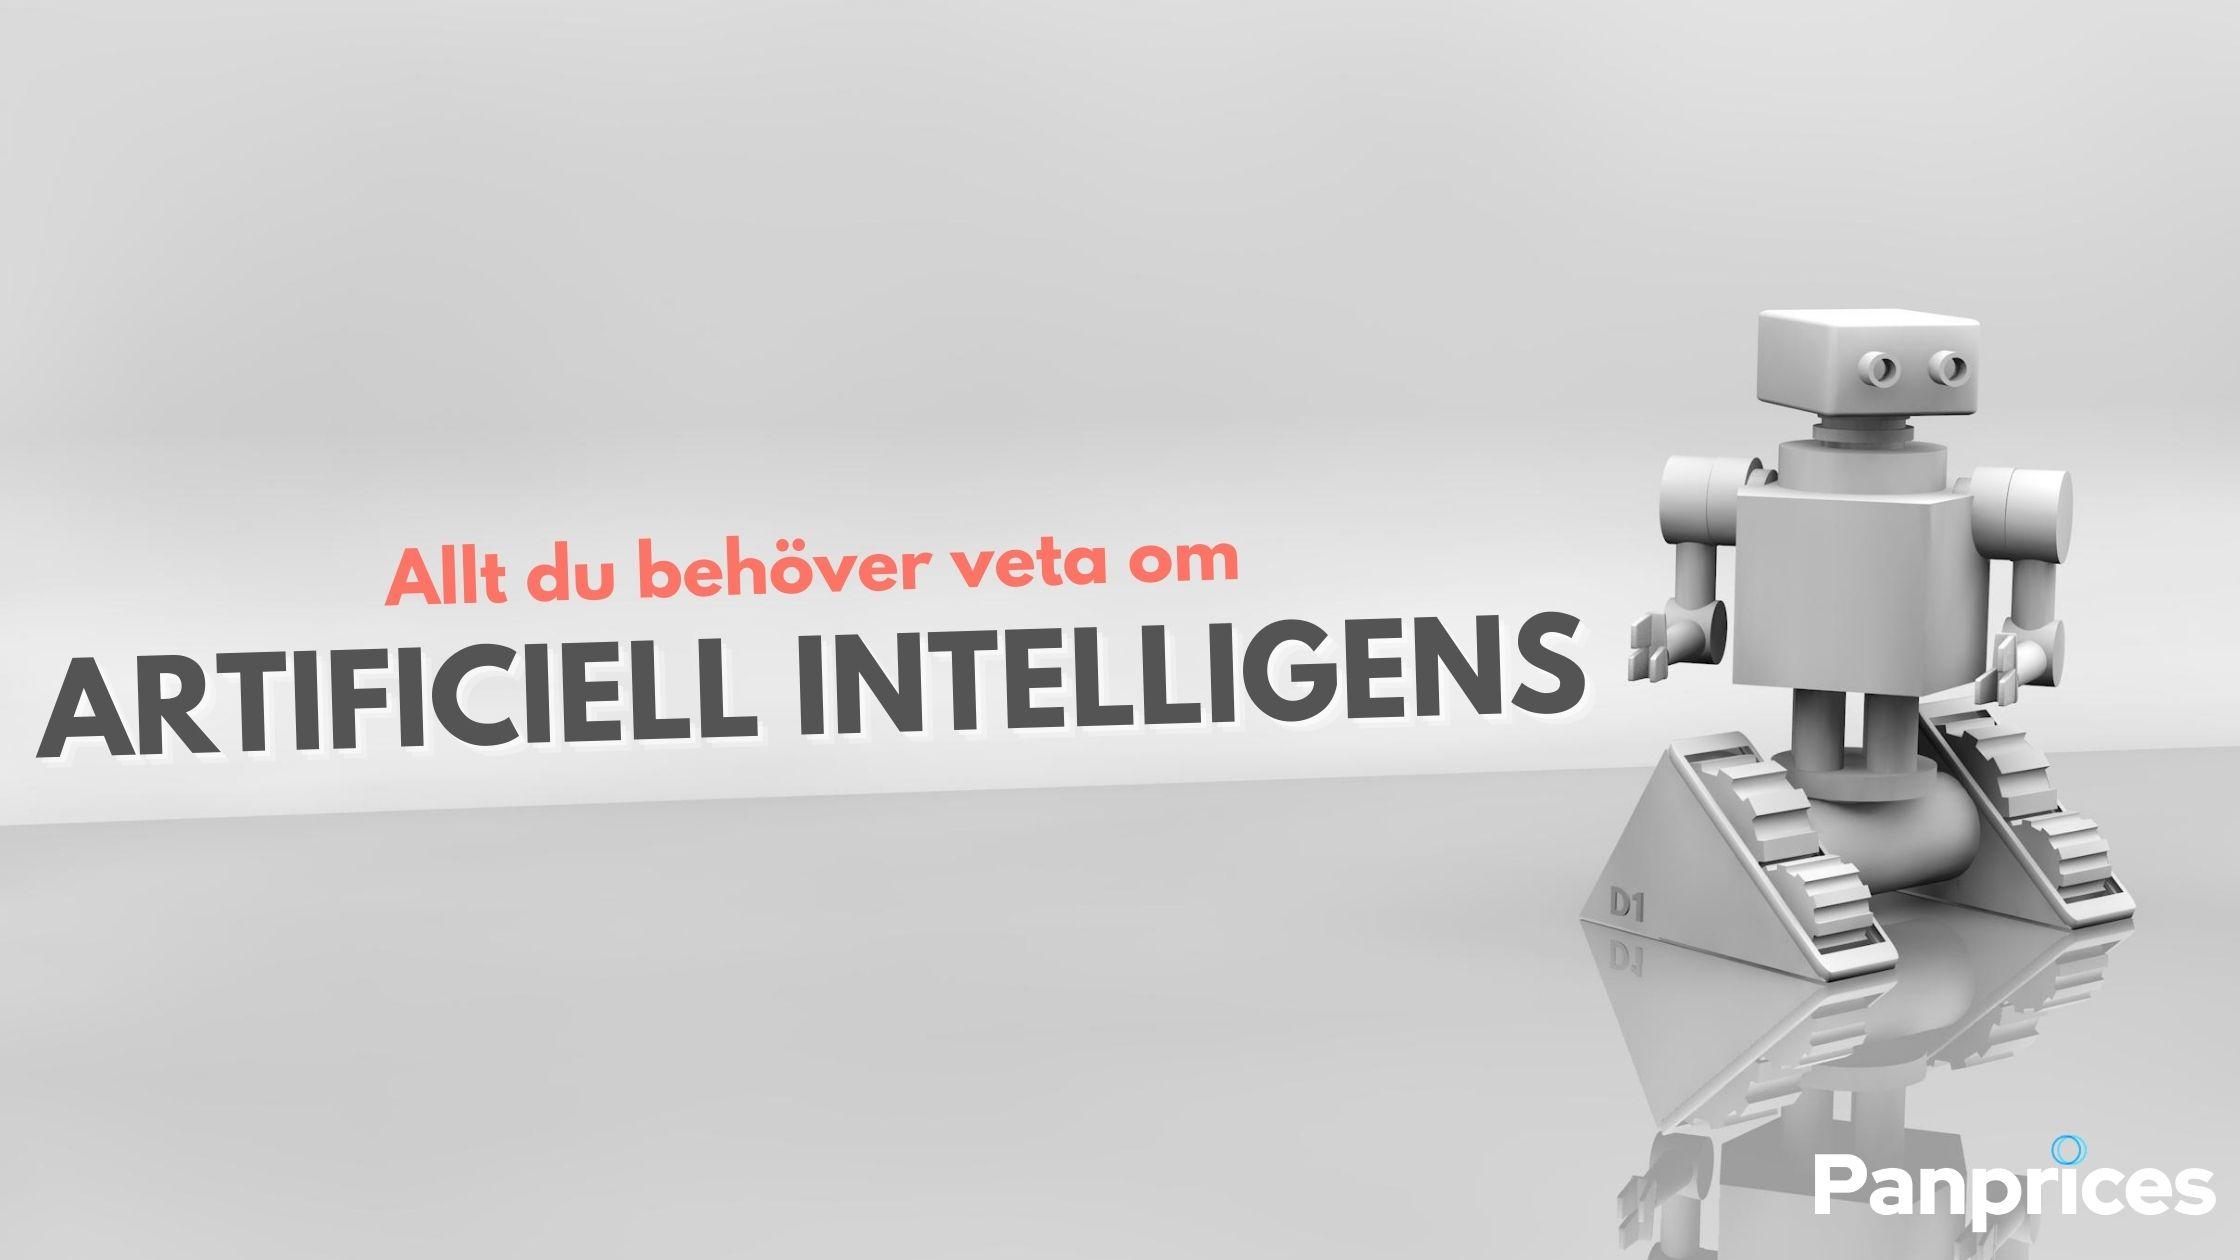 Allt du behöver veta om Artificiell Intelligens - Del 1